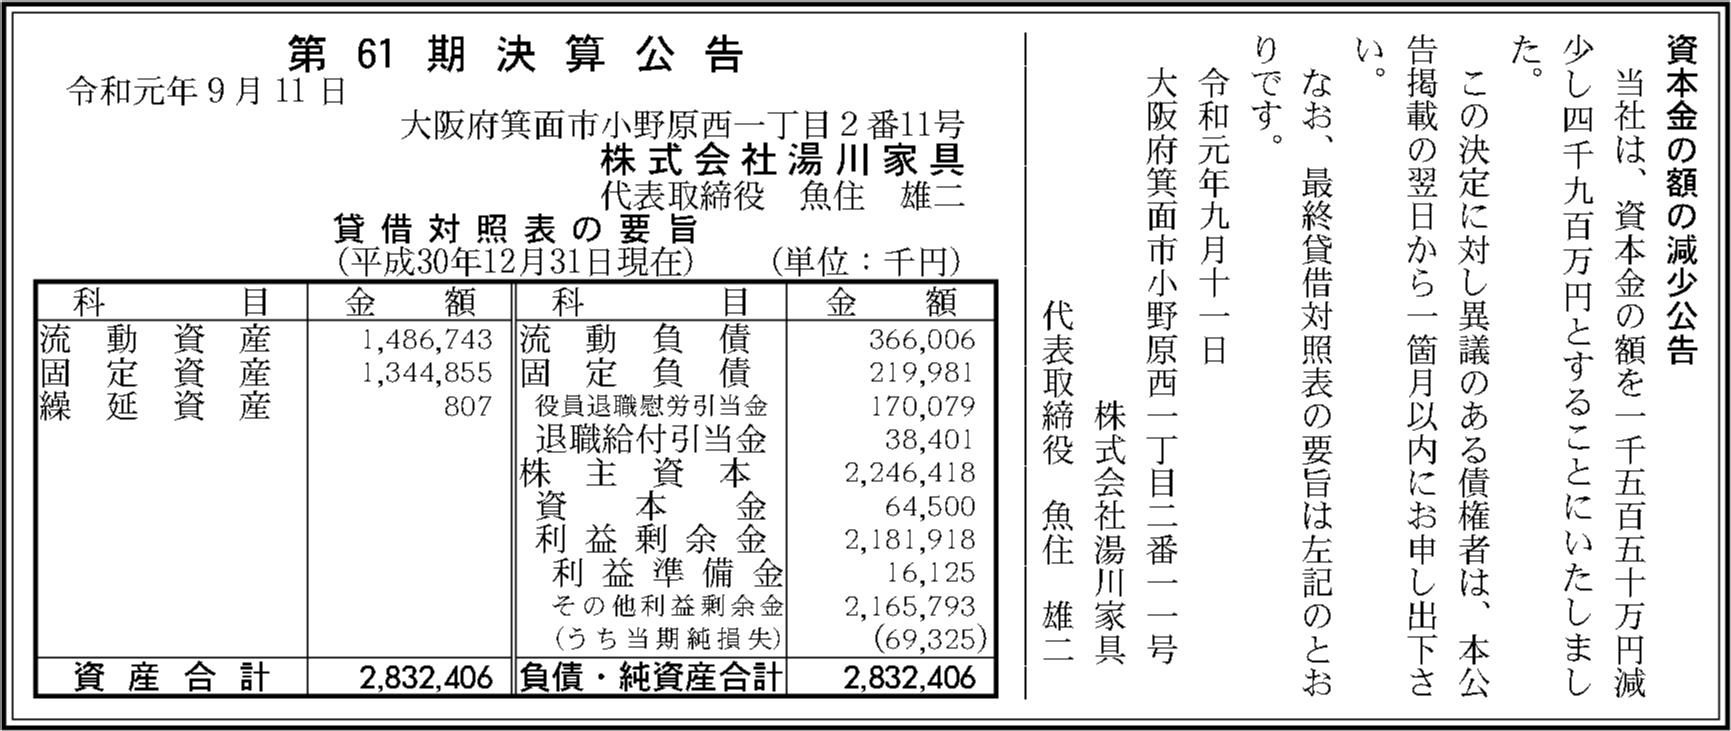 0094 357783b25b8e1d5fcc8df6d53c84f02e2f2baa667e2902c340e2065a571587b24d6e72e332a3dda397f8cfb7655a6bcf93fac09dfbc92caace400f6c8c9f0089 06